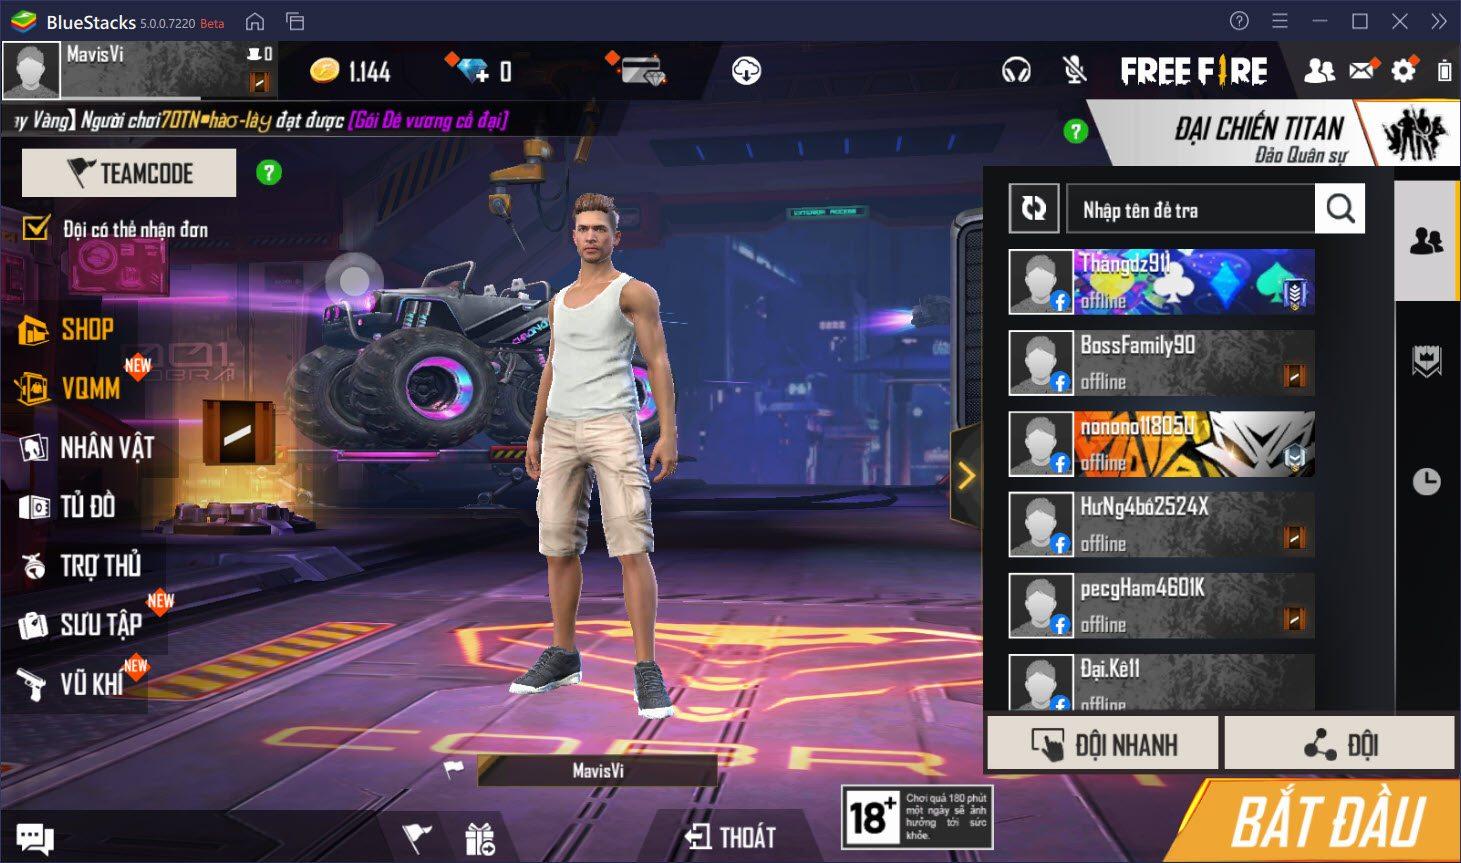 Garena Free Fire Max: Tìm hiểu chế độ chơi Đại Chiến Titan